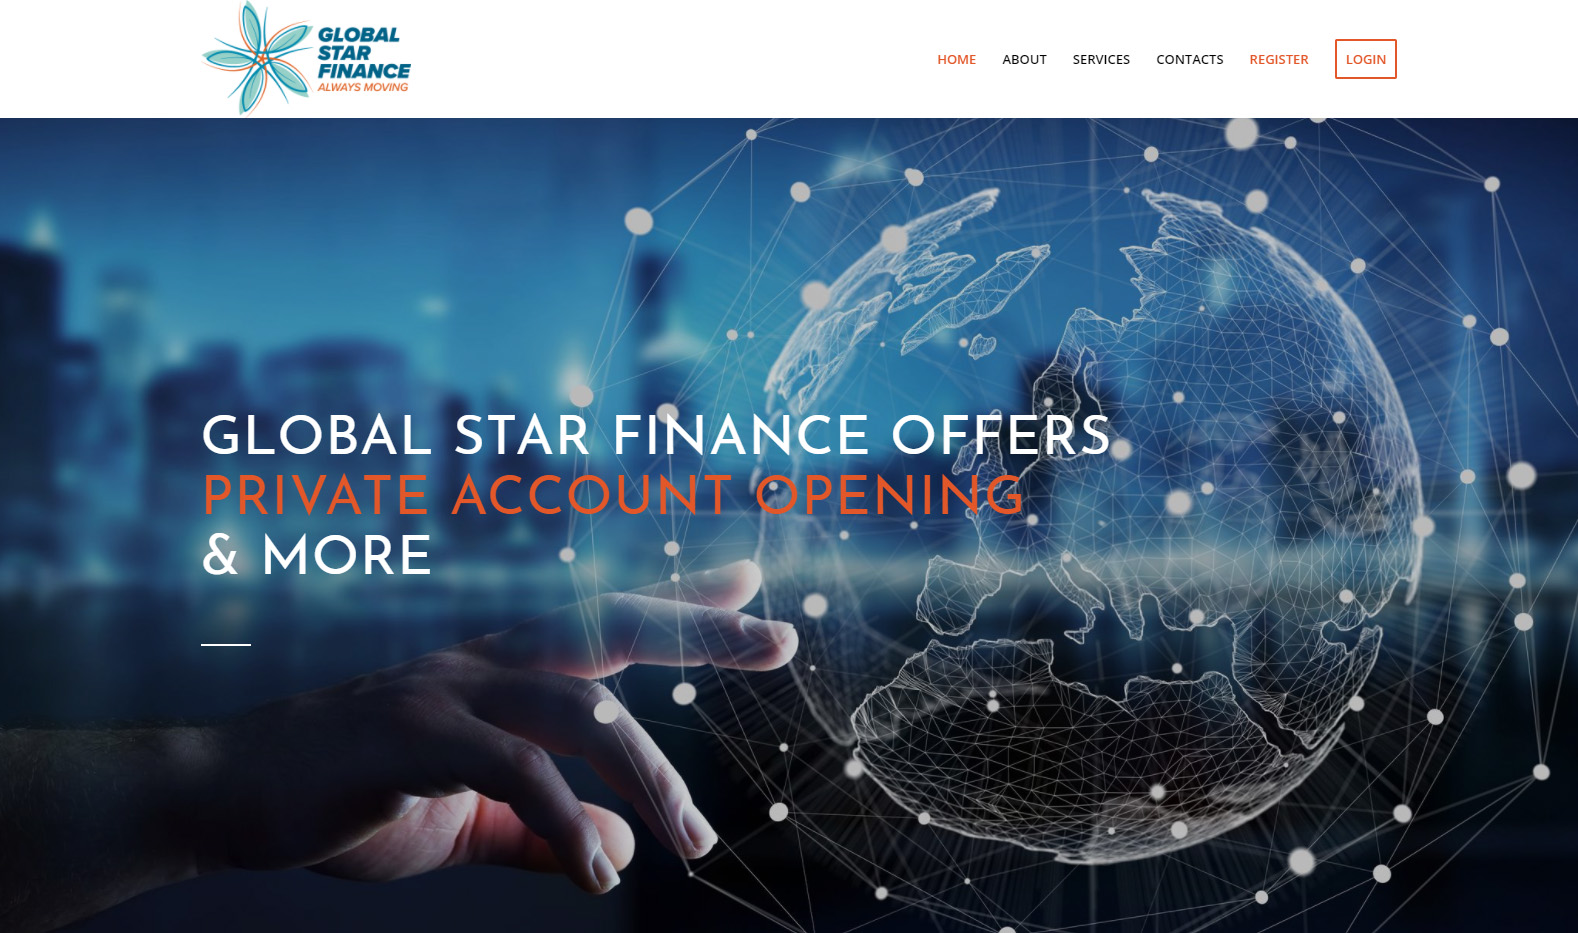 создание сайта для финансовой компании GSF